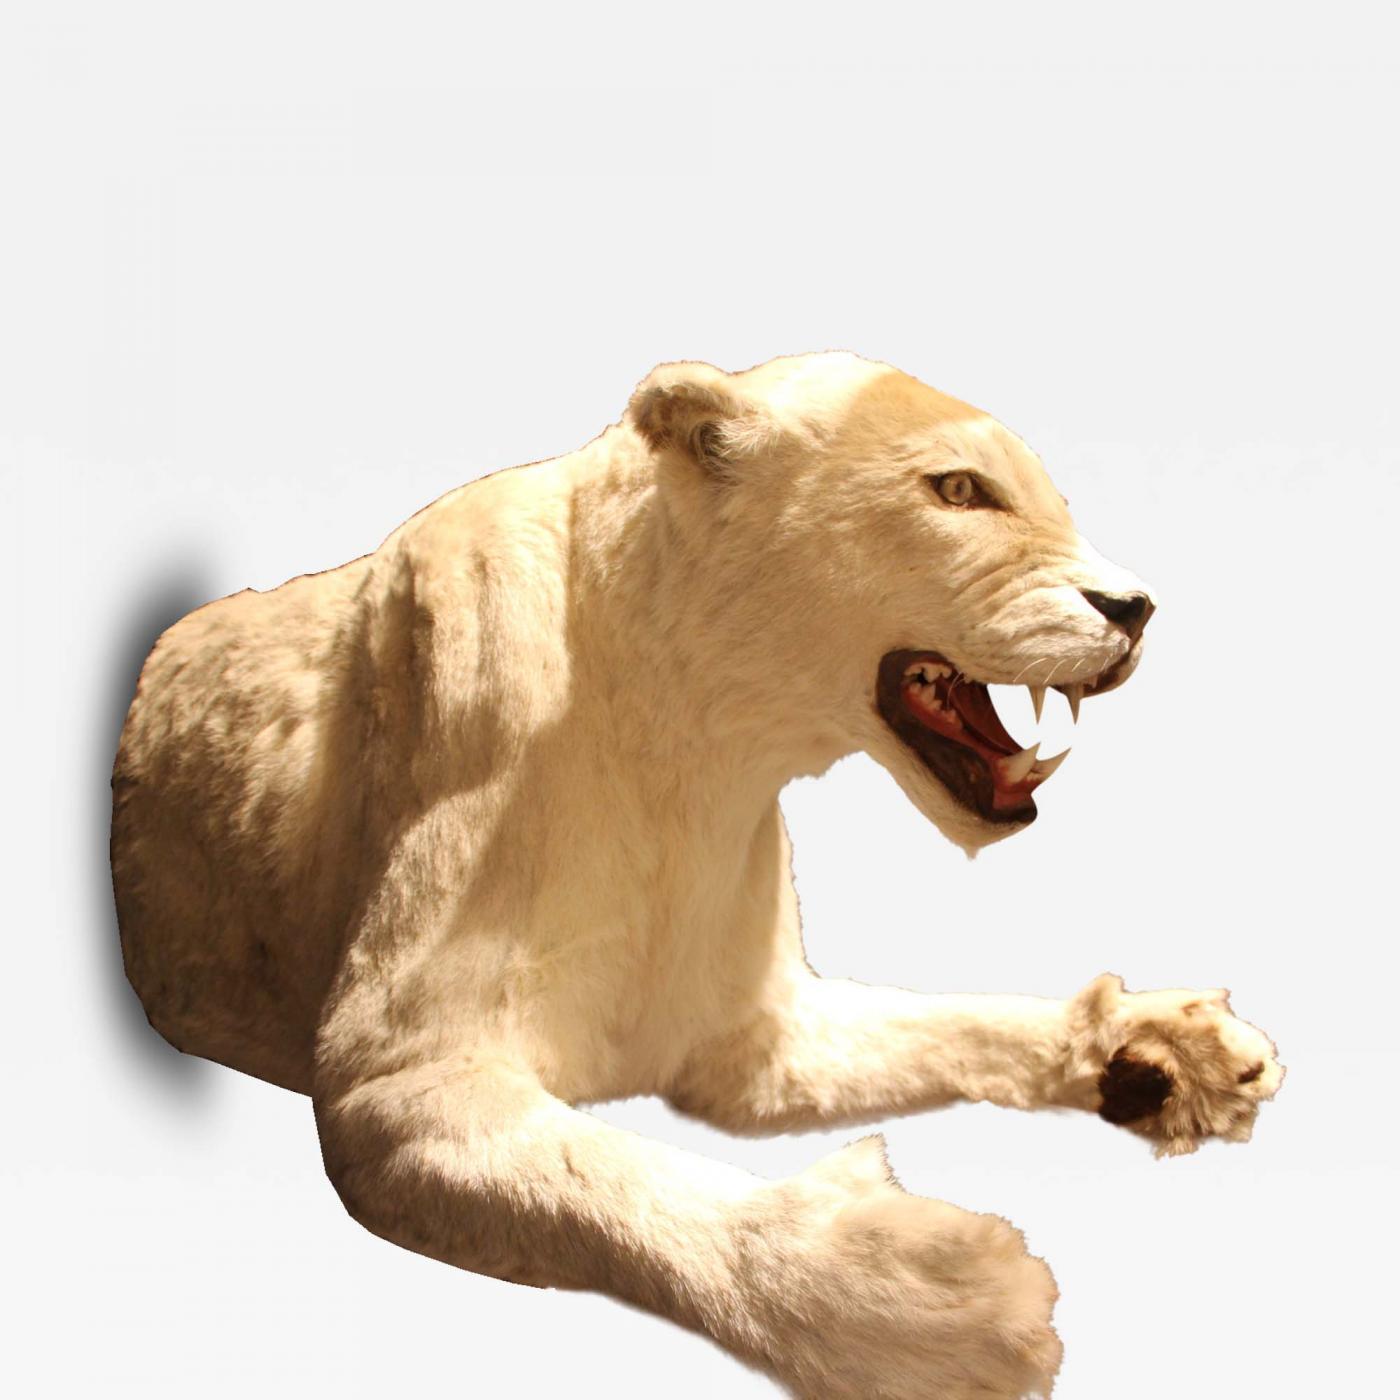 White lioness photo